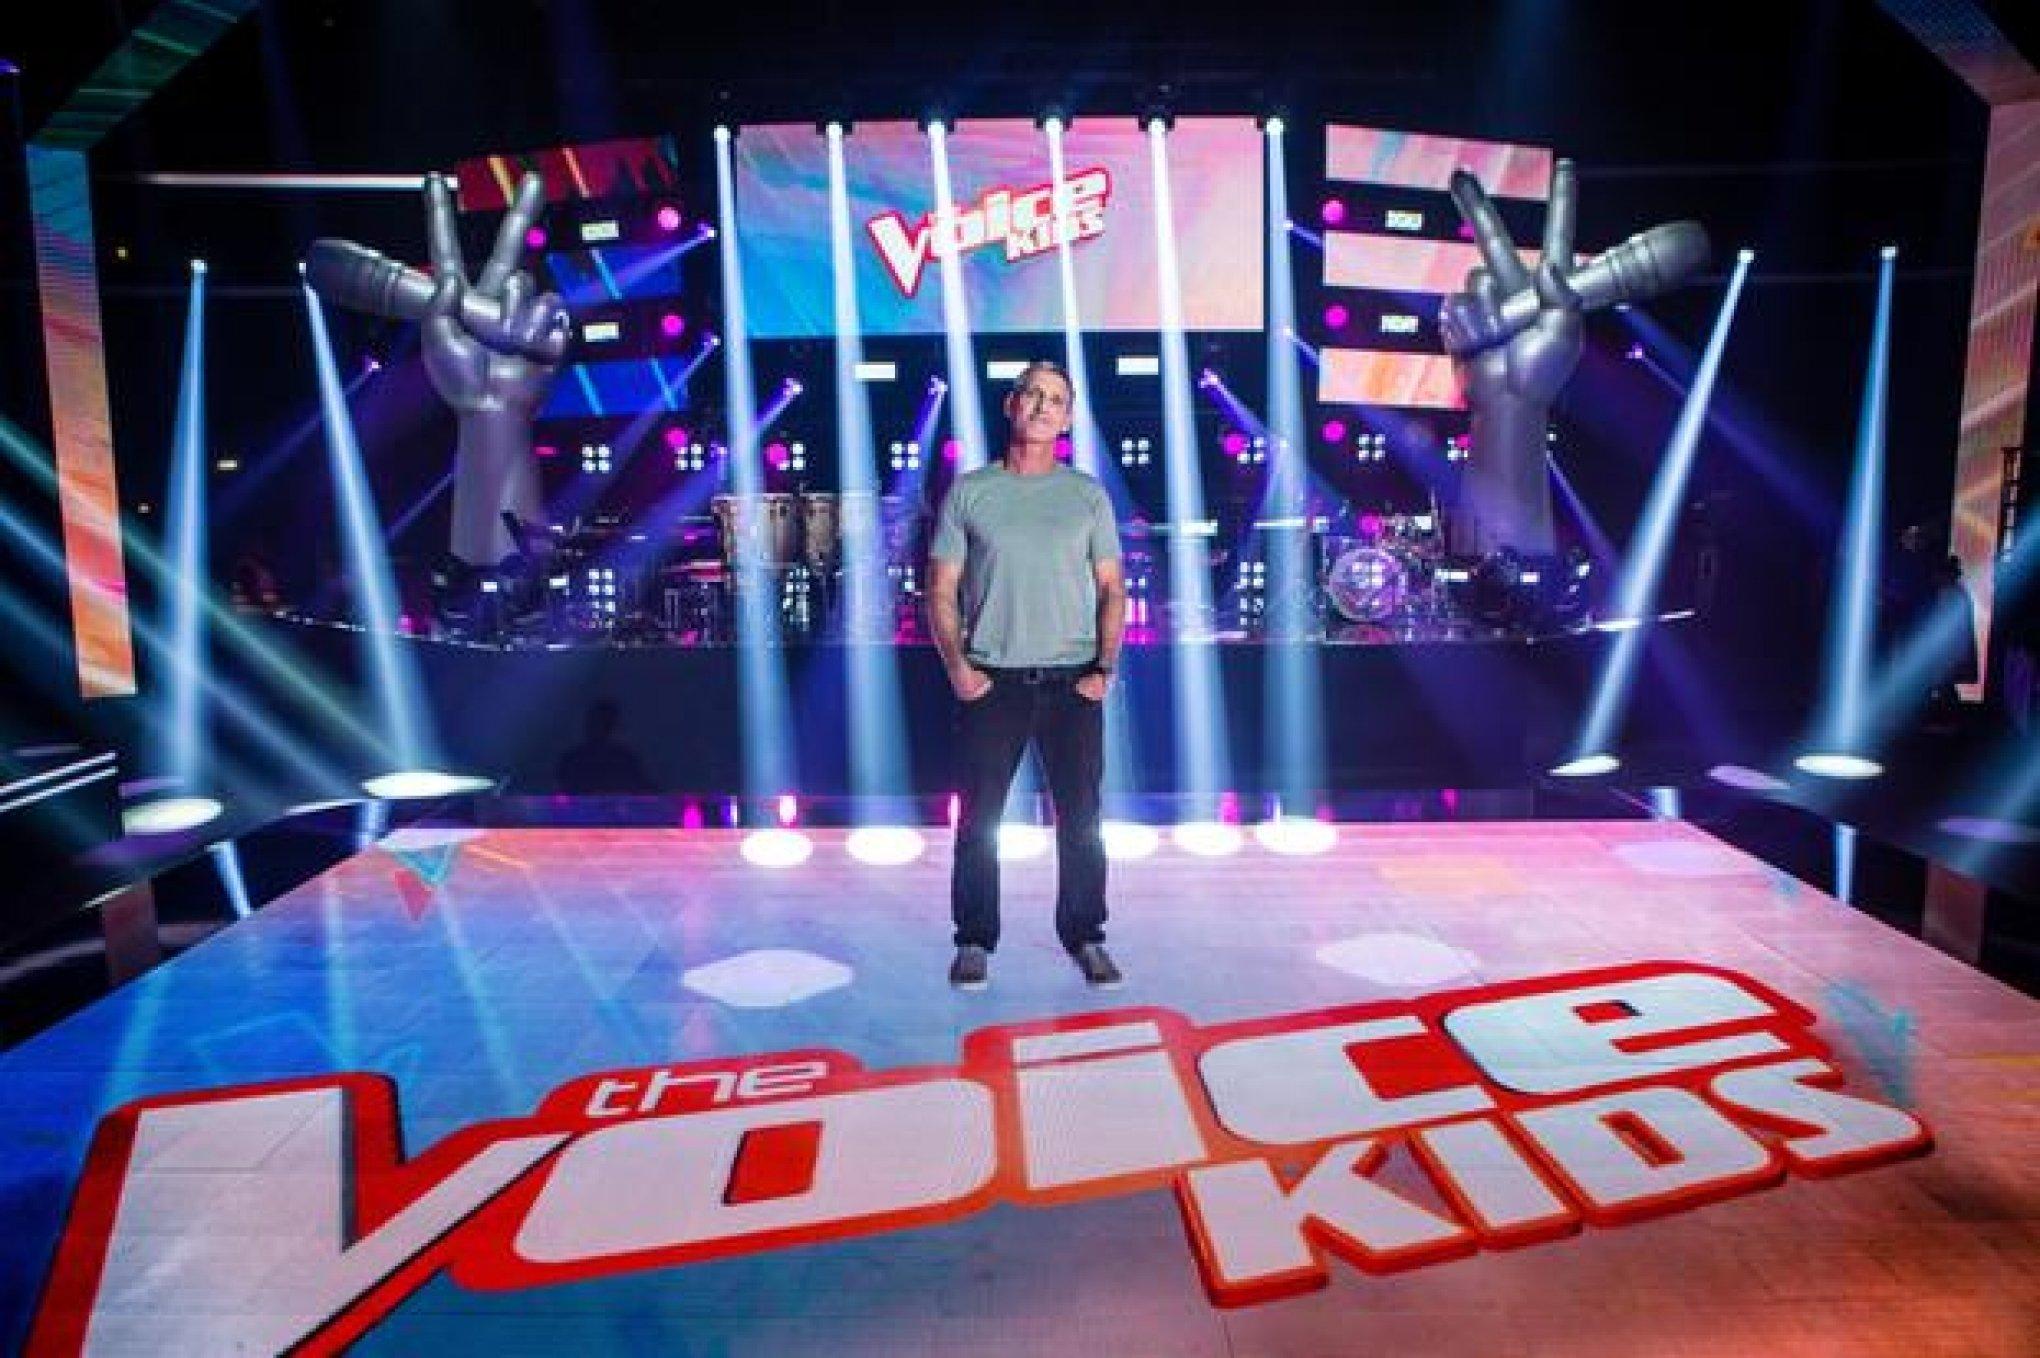 Morre Flavio Goldemberg Diretor Do The Voice Kids Aos 58 Anos Gente Diario De Canoas